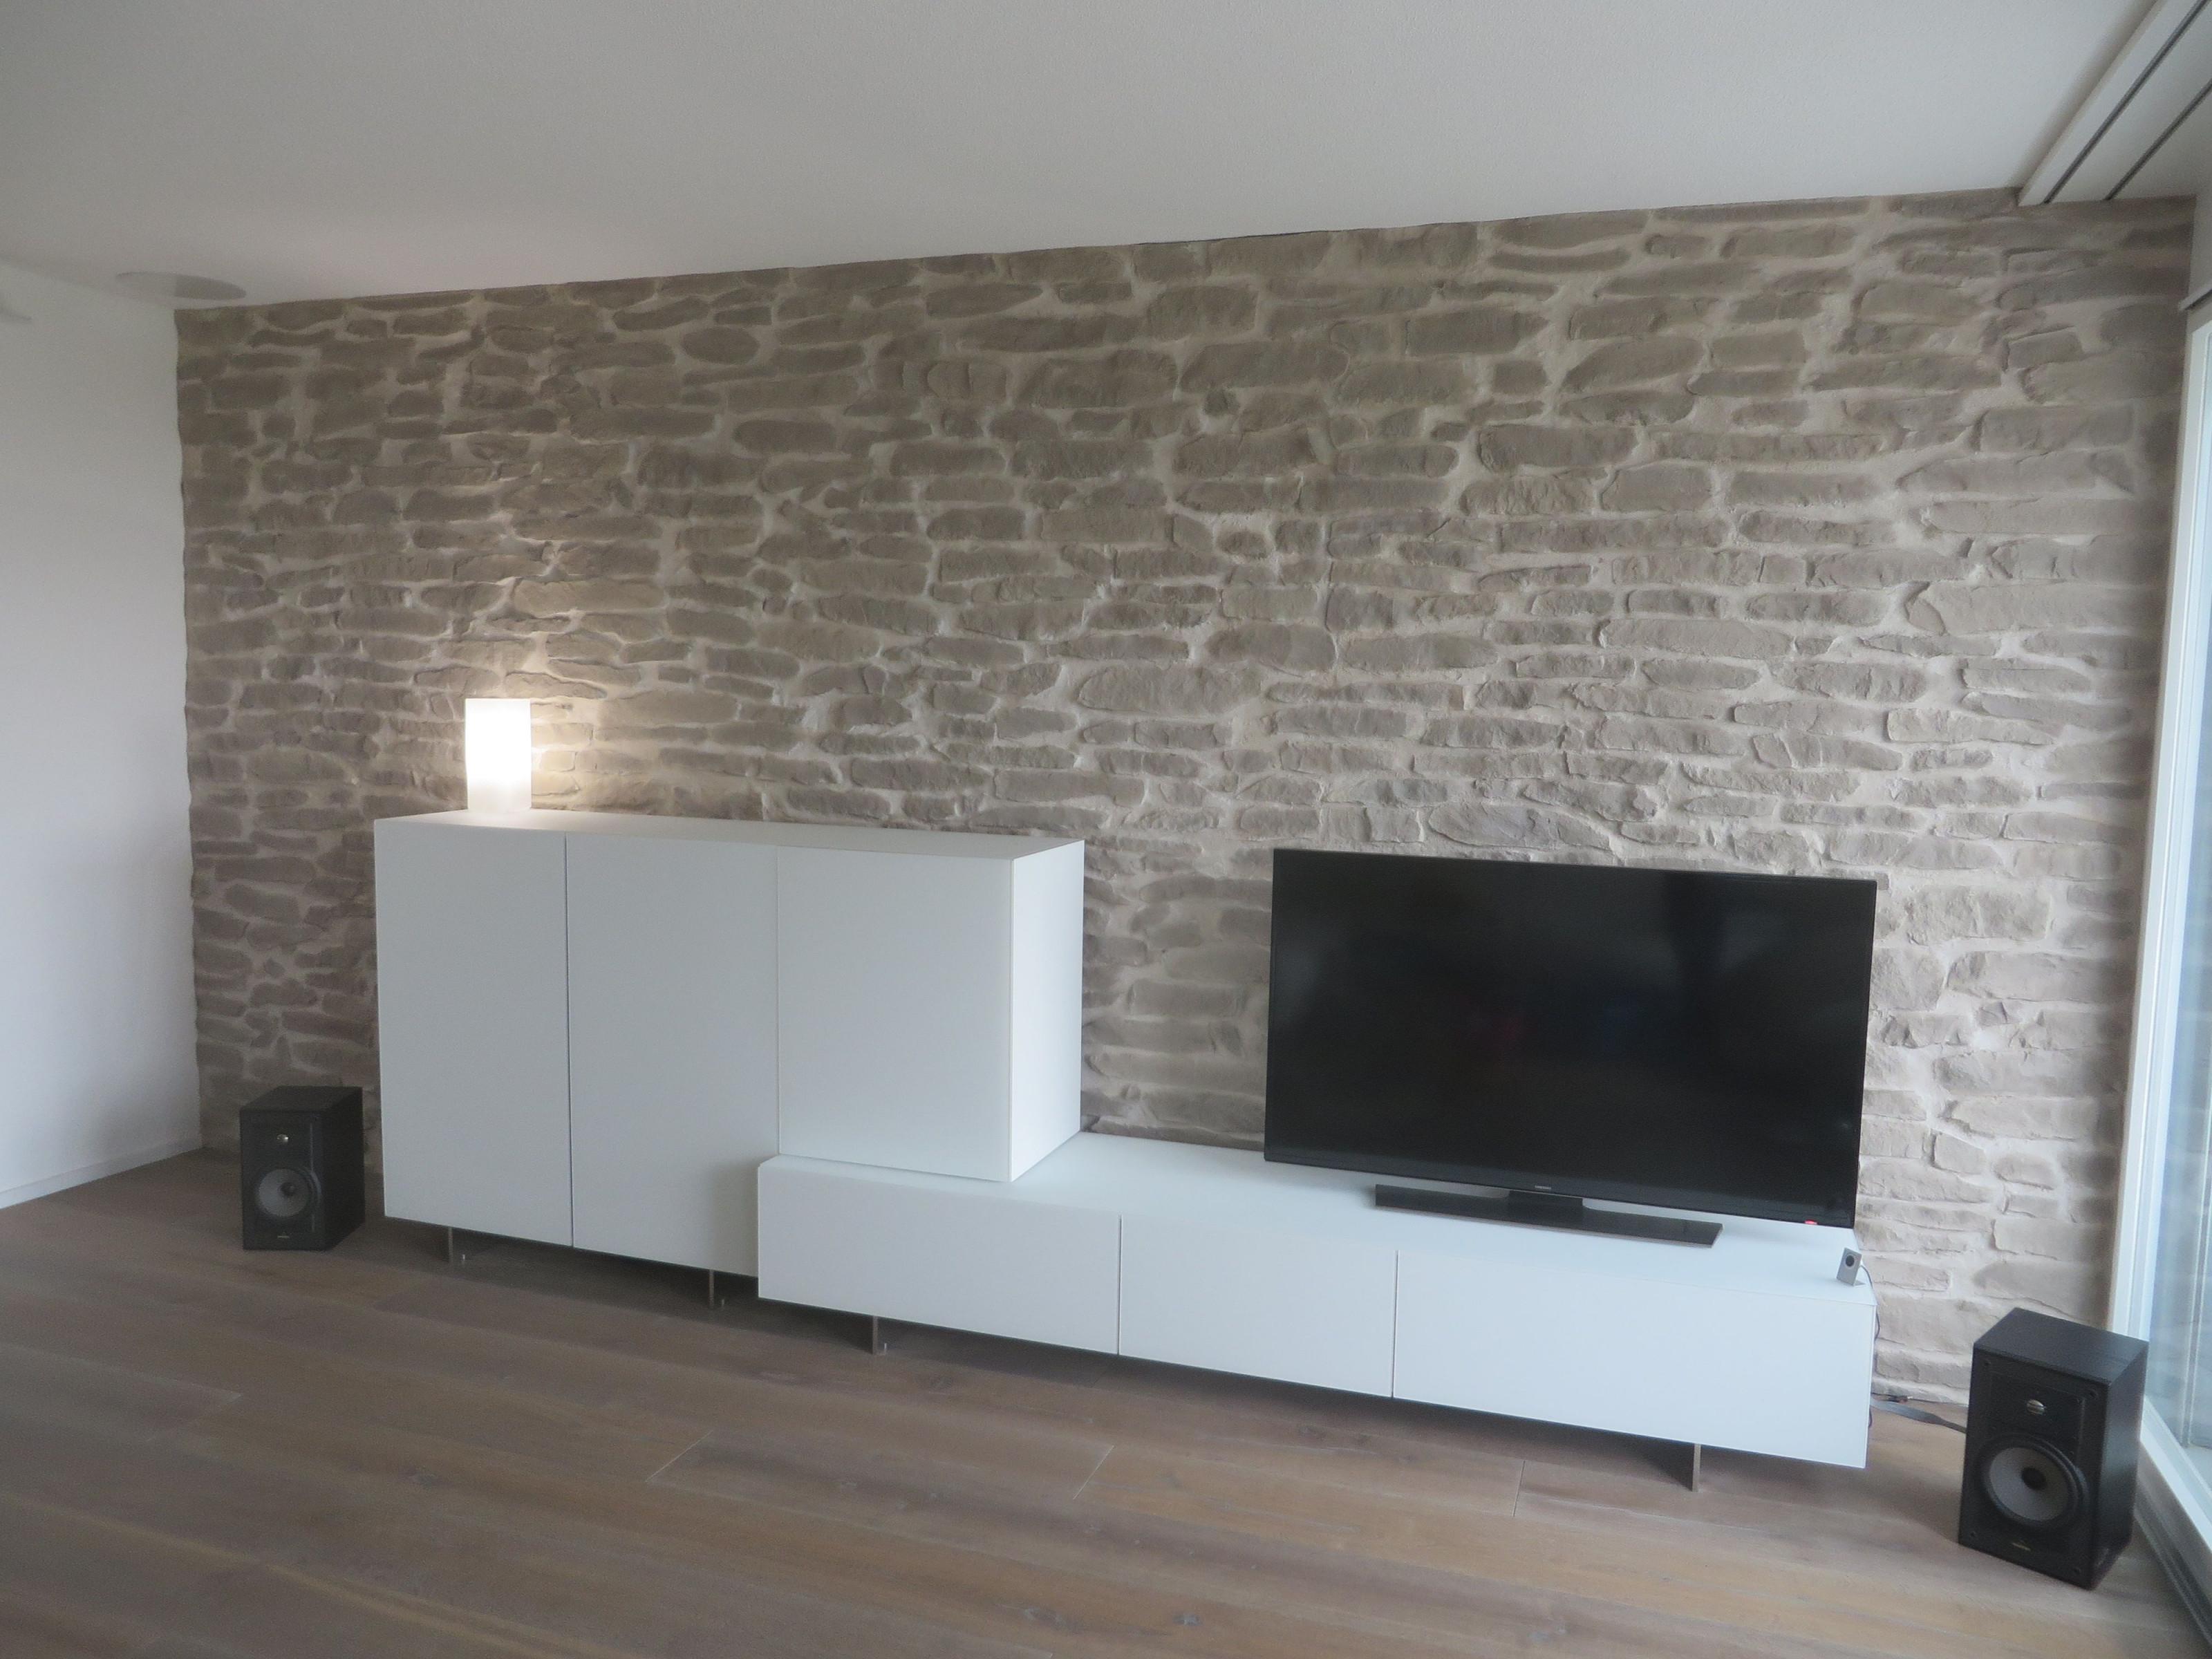 Wohnzimmerwand Steinoptik Lajas  Wandgestaltung Wohnzimmer von Wandverkleidung Ideen Wohnzimmer Bild